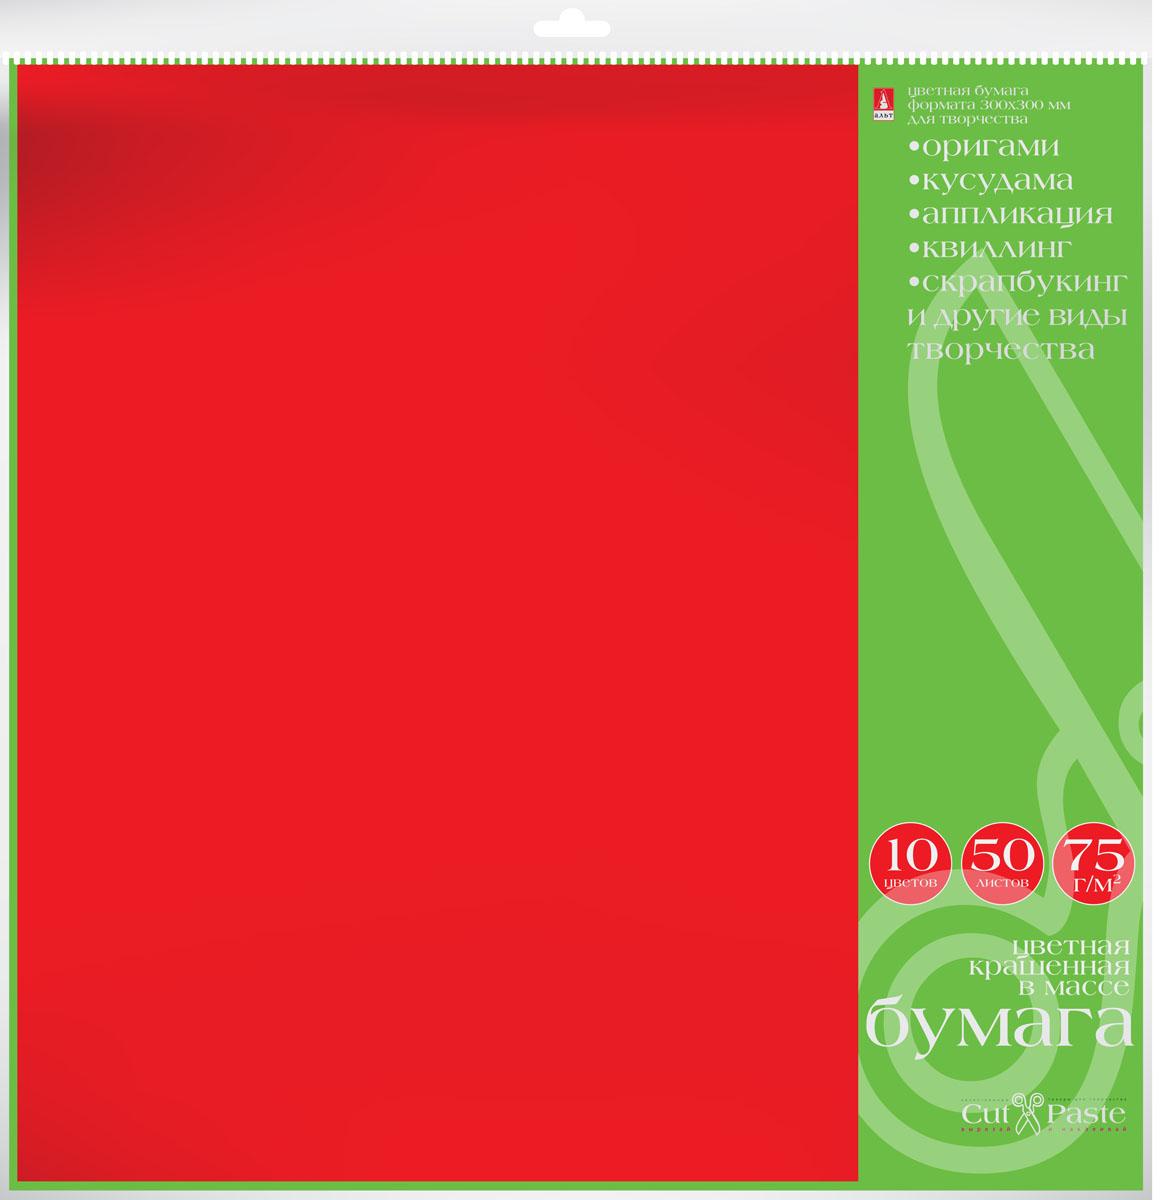 Альт Набор бумаги для хобби 50 листов 10 цветов 300 х 300 мм11-750-200Набор бумаги для хобби Альт включает в себя 50 листов бумаги 10 цветов. Тонированная в массе бумага обладает высоким качеством и плотностью, что позволяет использовать ее для поделок в любой технике, комбинировать с картоном и текстилем. Детские аппликации из цветной бумаги - хороший способ самовыражения ребенка и развития творческих навыков. Создание различных поделок с помощью этого набора увлечет вашего ребенка и подарит вам хорошее настроение.